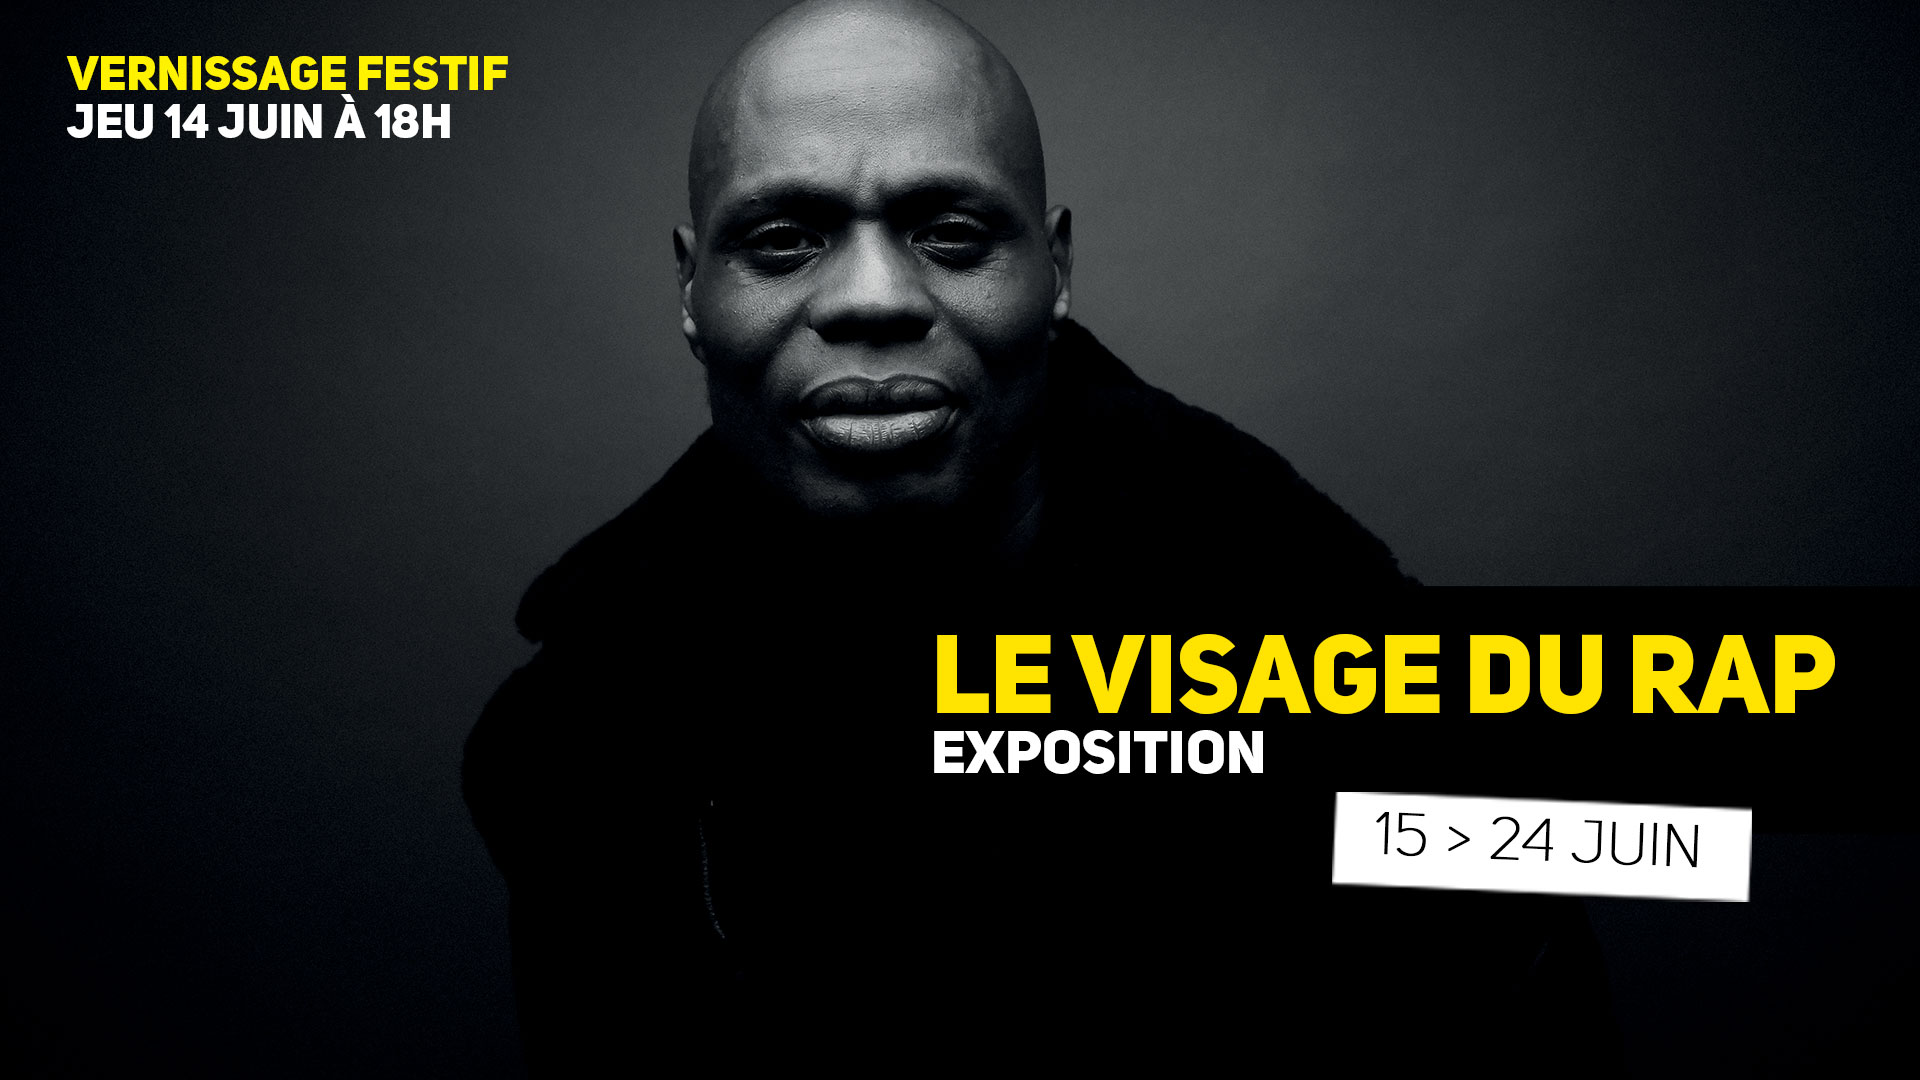 «Le Visage du Rap», l'exposition qui va rassembler les artistes marquants des 80s à aujourd'hui